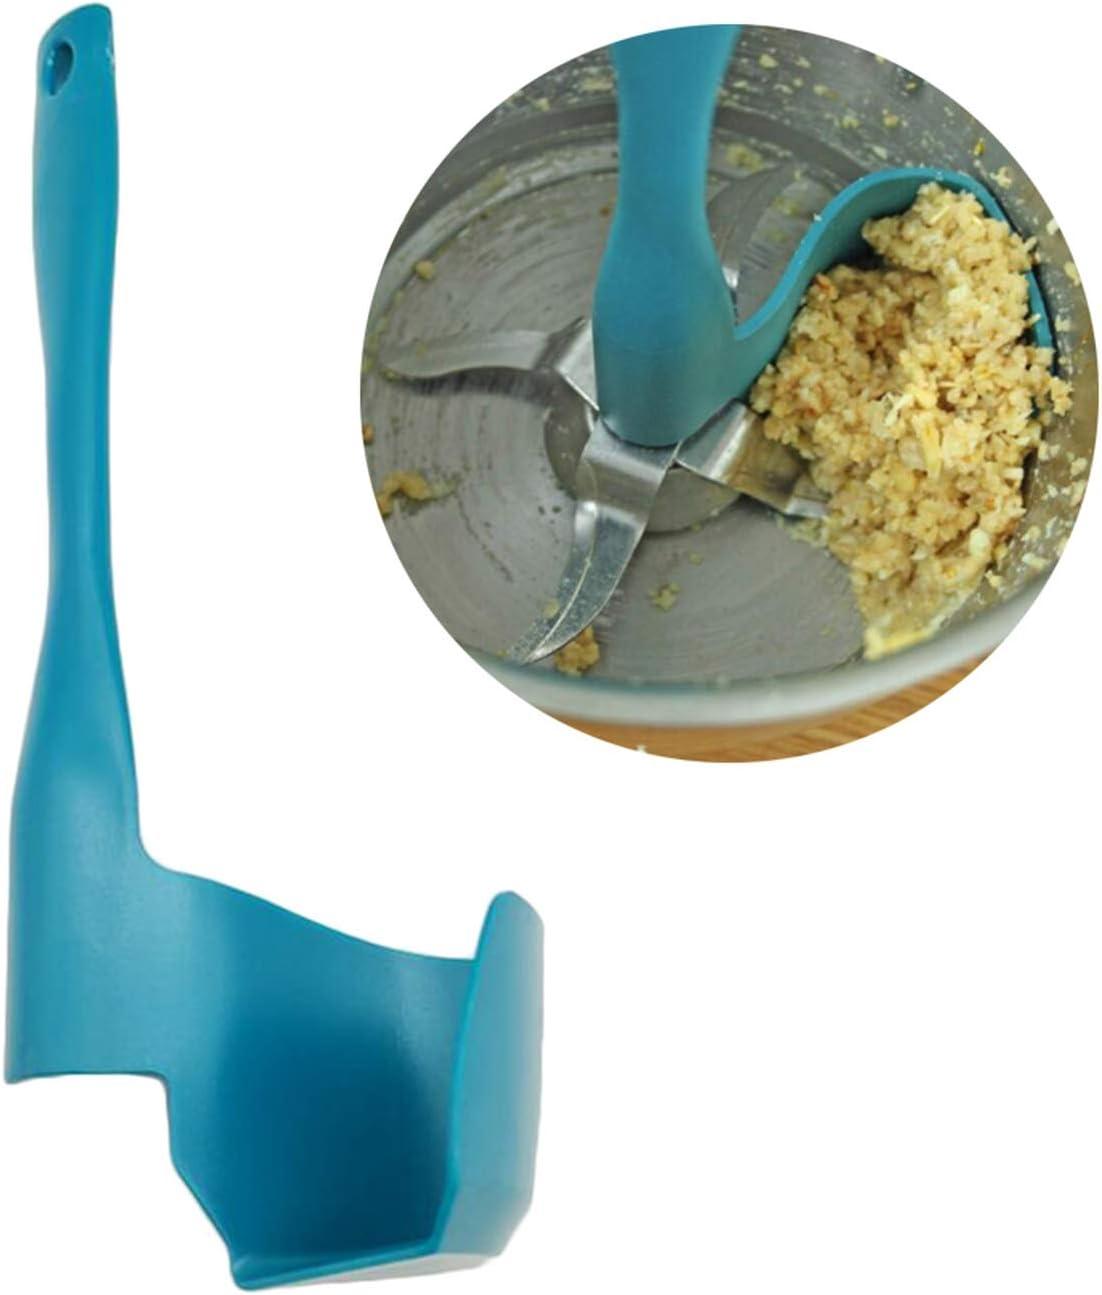 Girar rascador mezclador Cocinar Espátula Cuchara máquina giratoria rascador Extracción y fraccionamiento de Scooping; Procesador de alimentos,